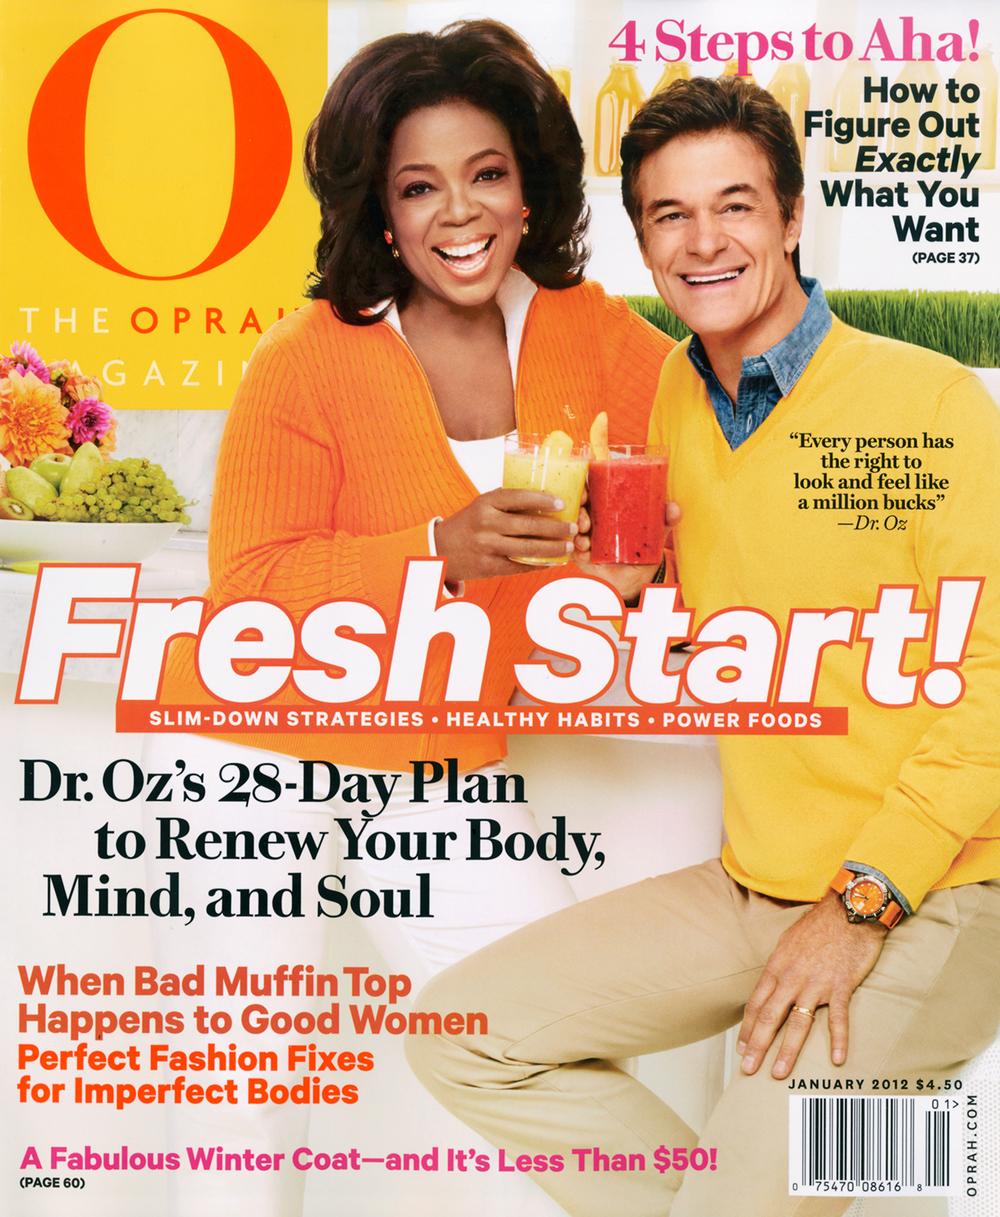 SC_omagazine_jan2012_cover.jpg